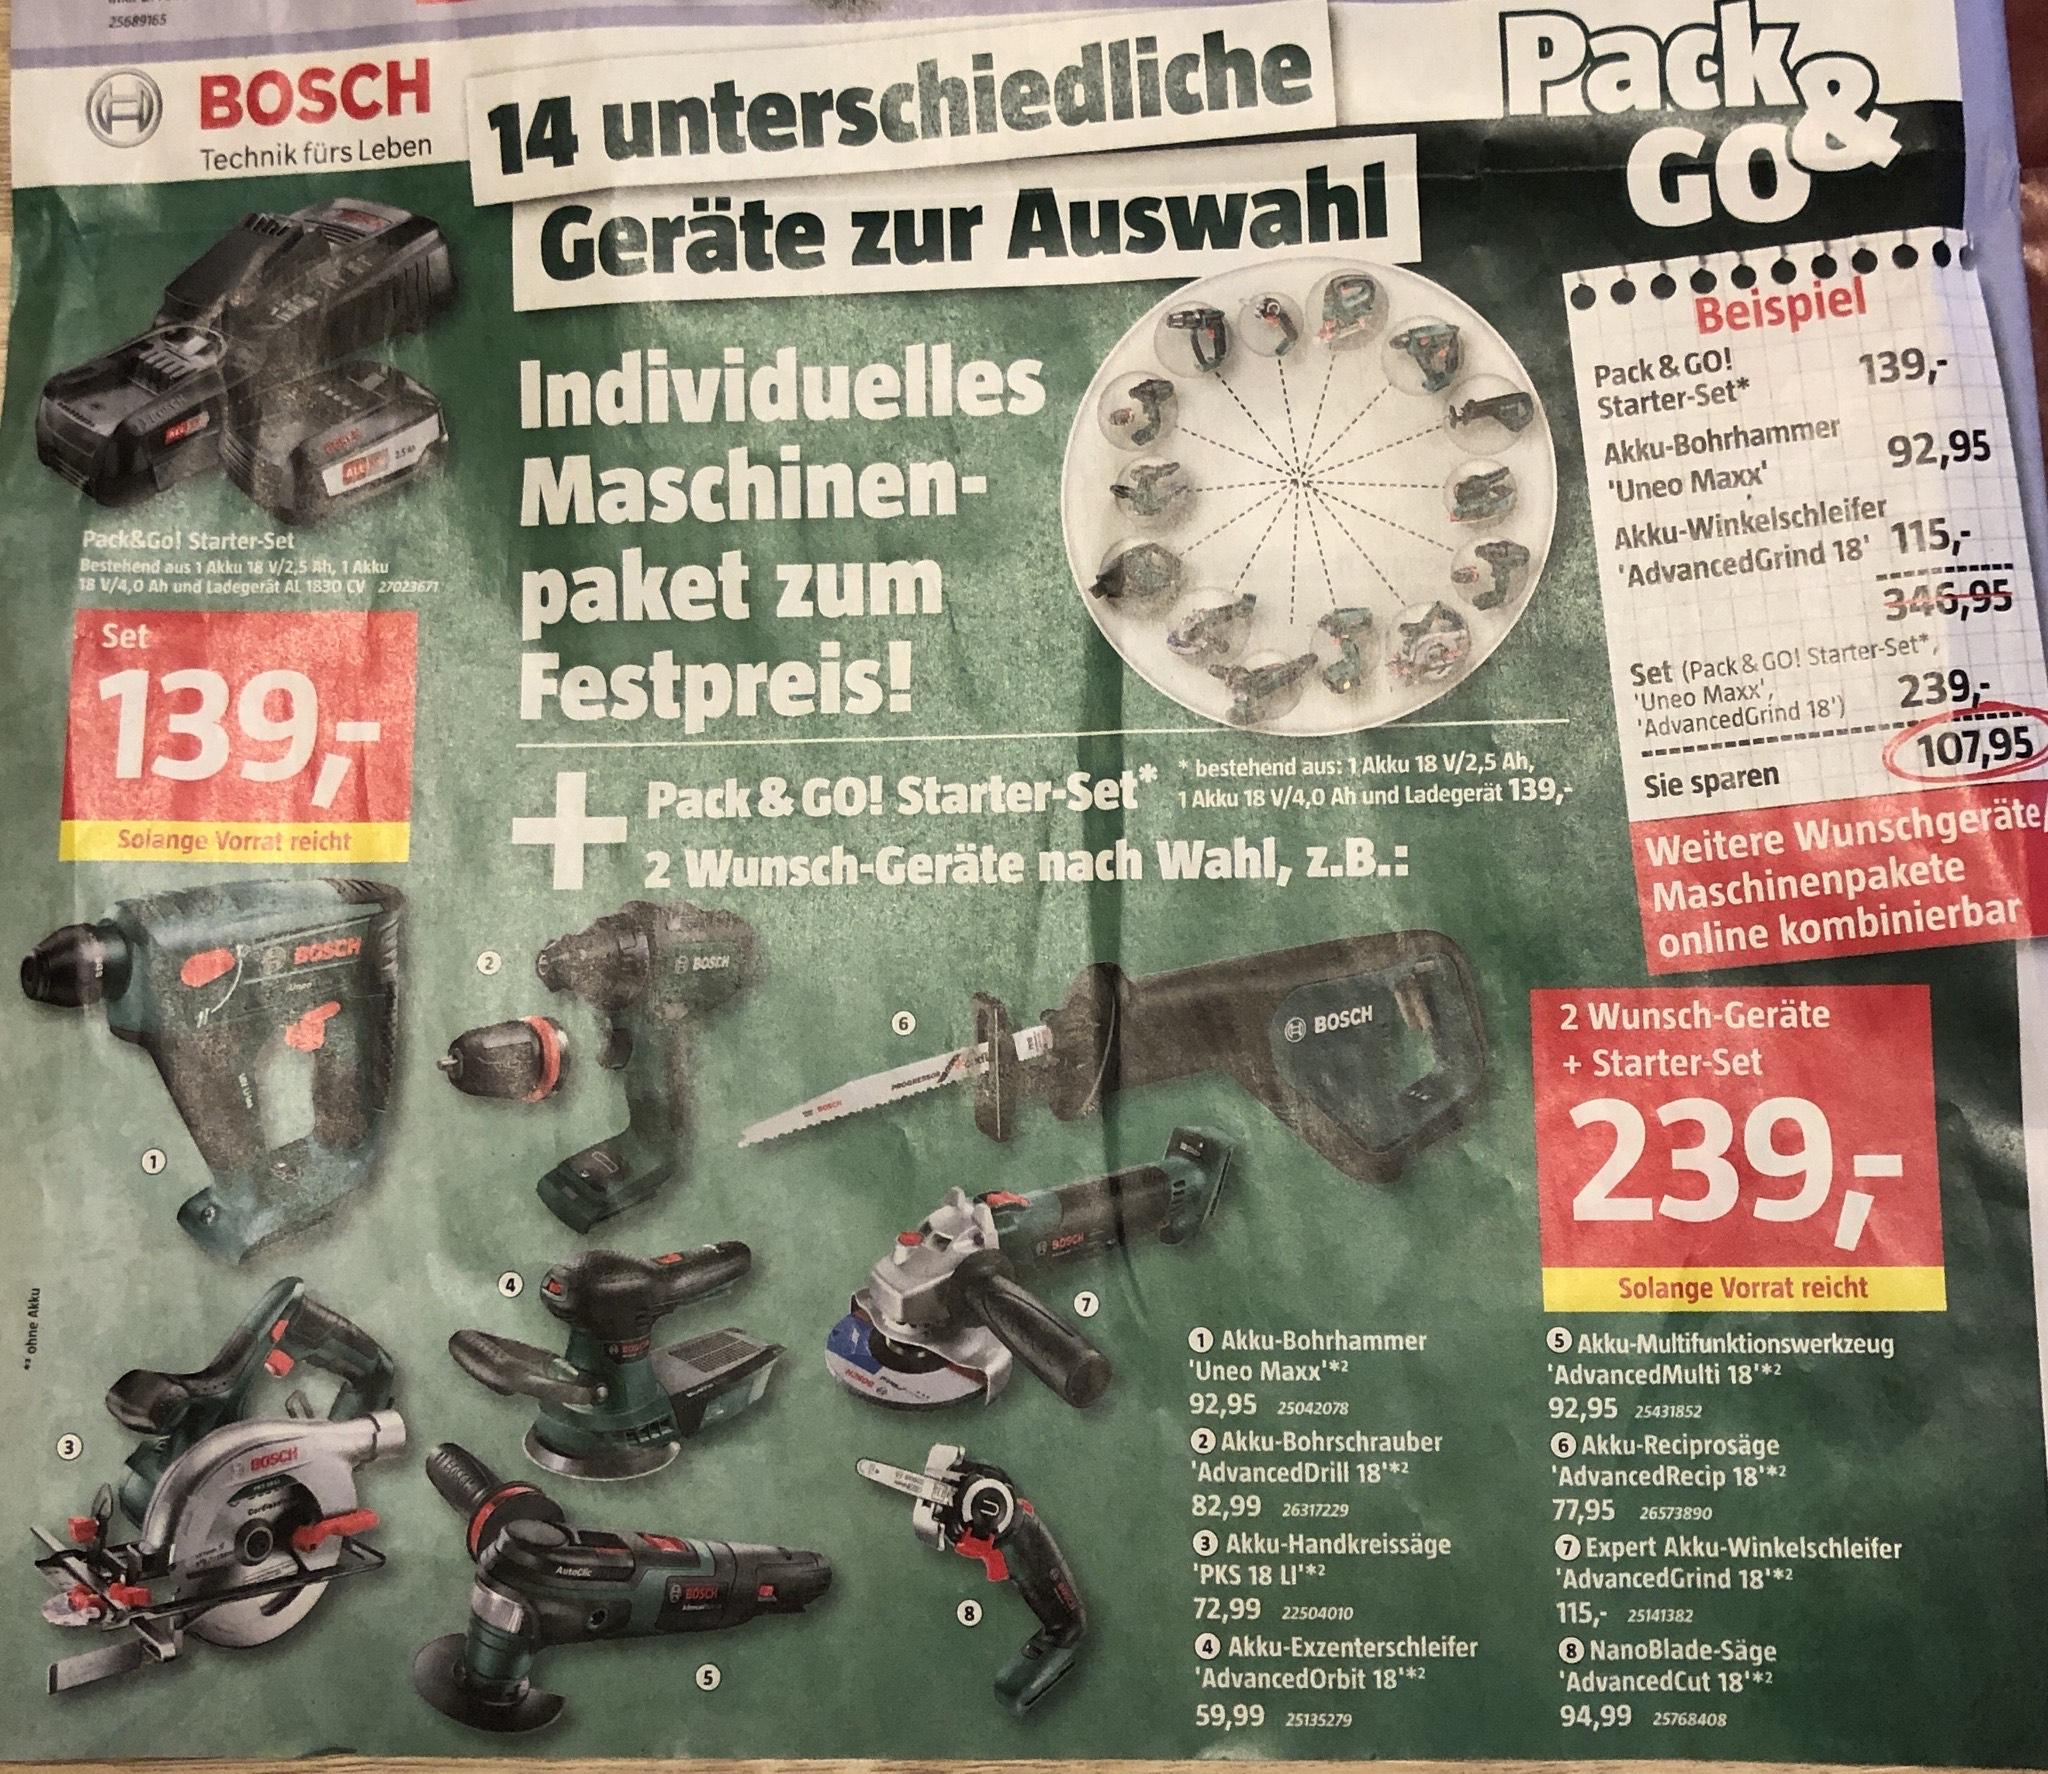 Bauhaus Bosch Aktion : bauhaus bosch pack go aktion ~ A.2002-acura-tl-radio.info Haus und Dekorationen